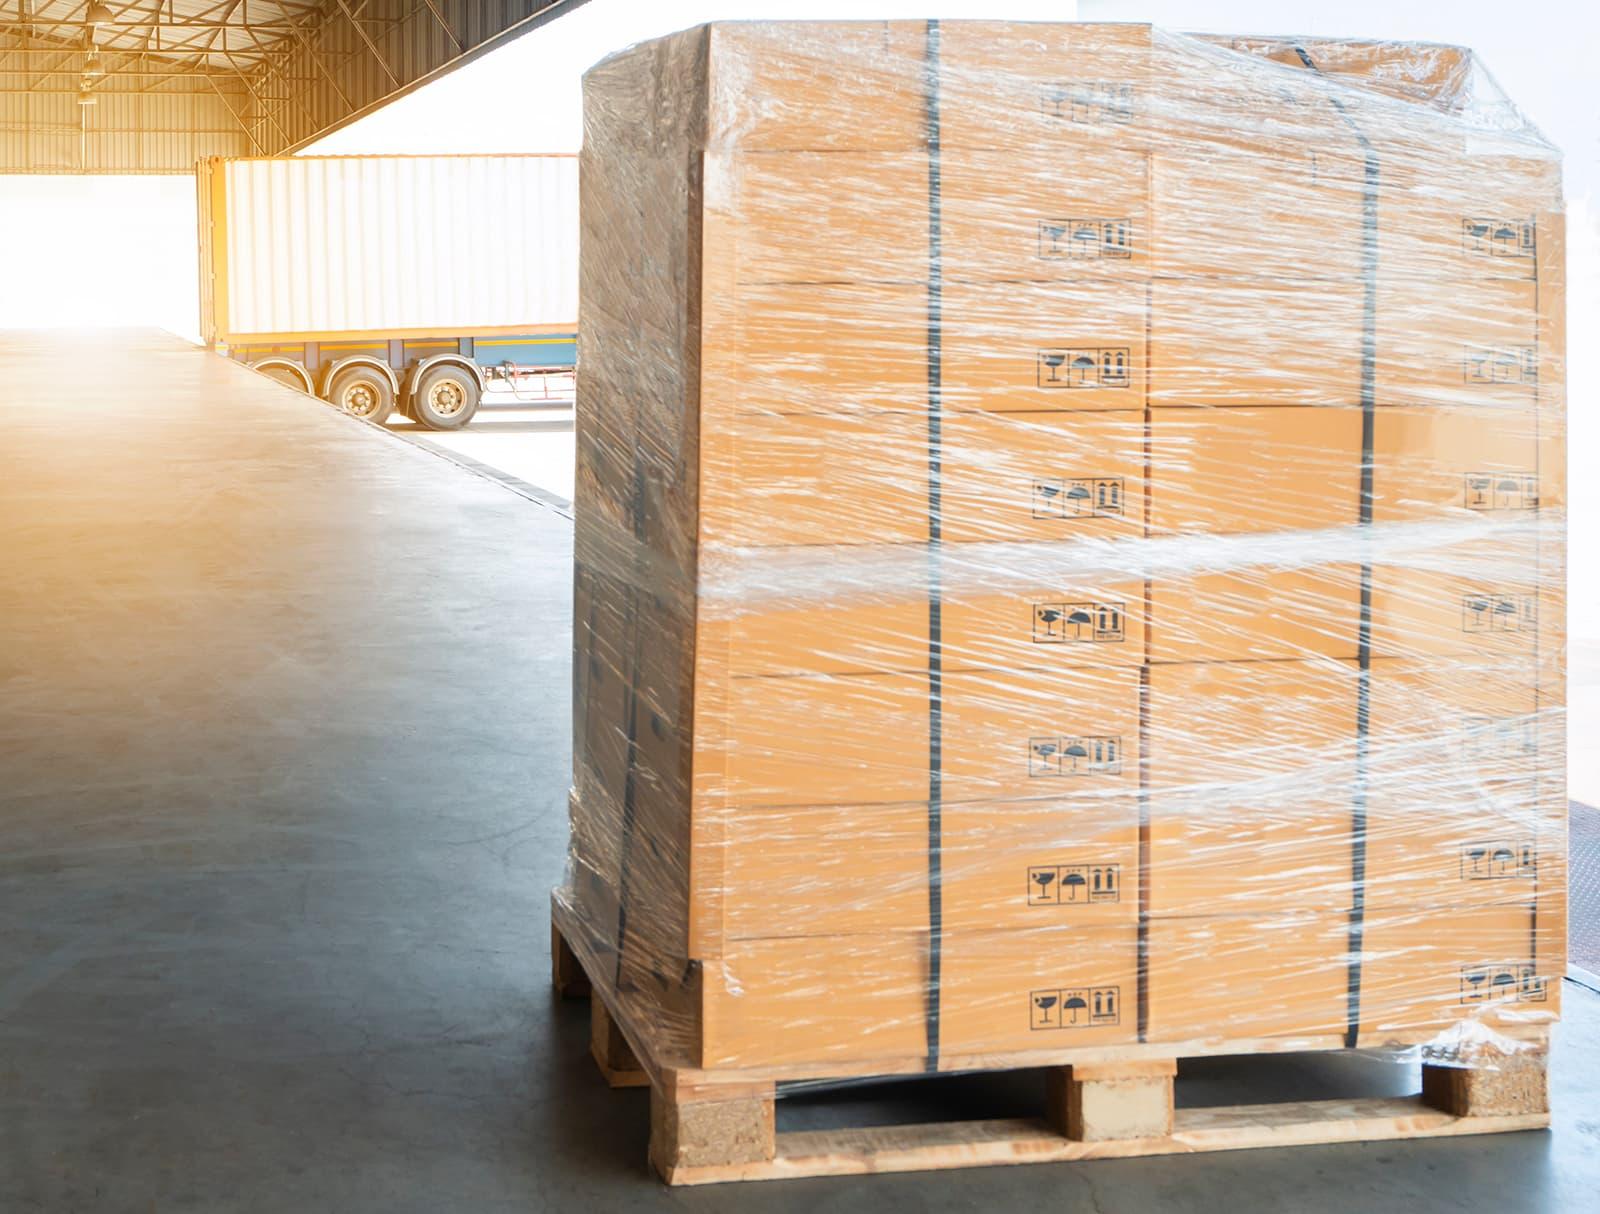 ¿Cómo sé si mi mercancía se puede trasladar por la red de paletizado? - Transportes Hermanos Navarro